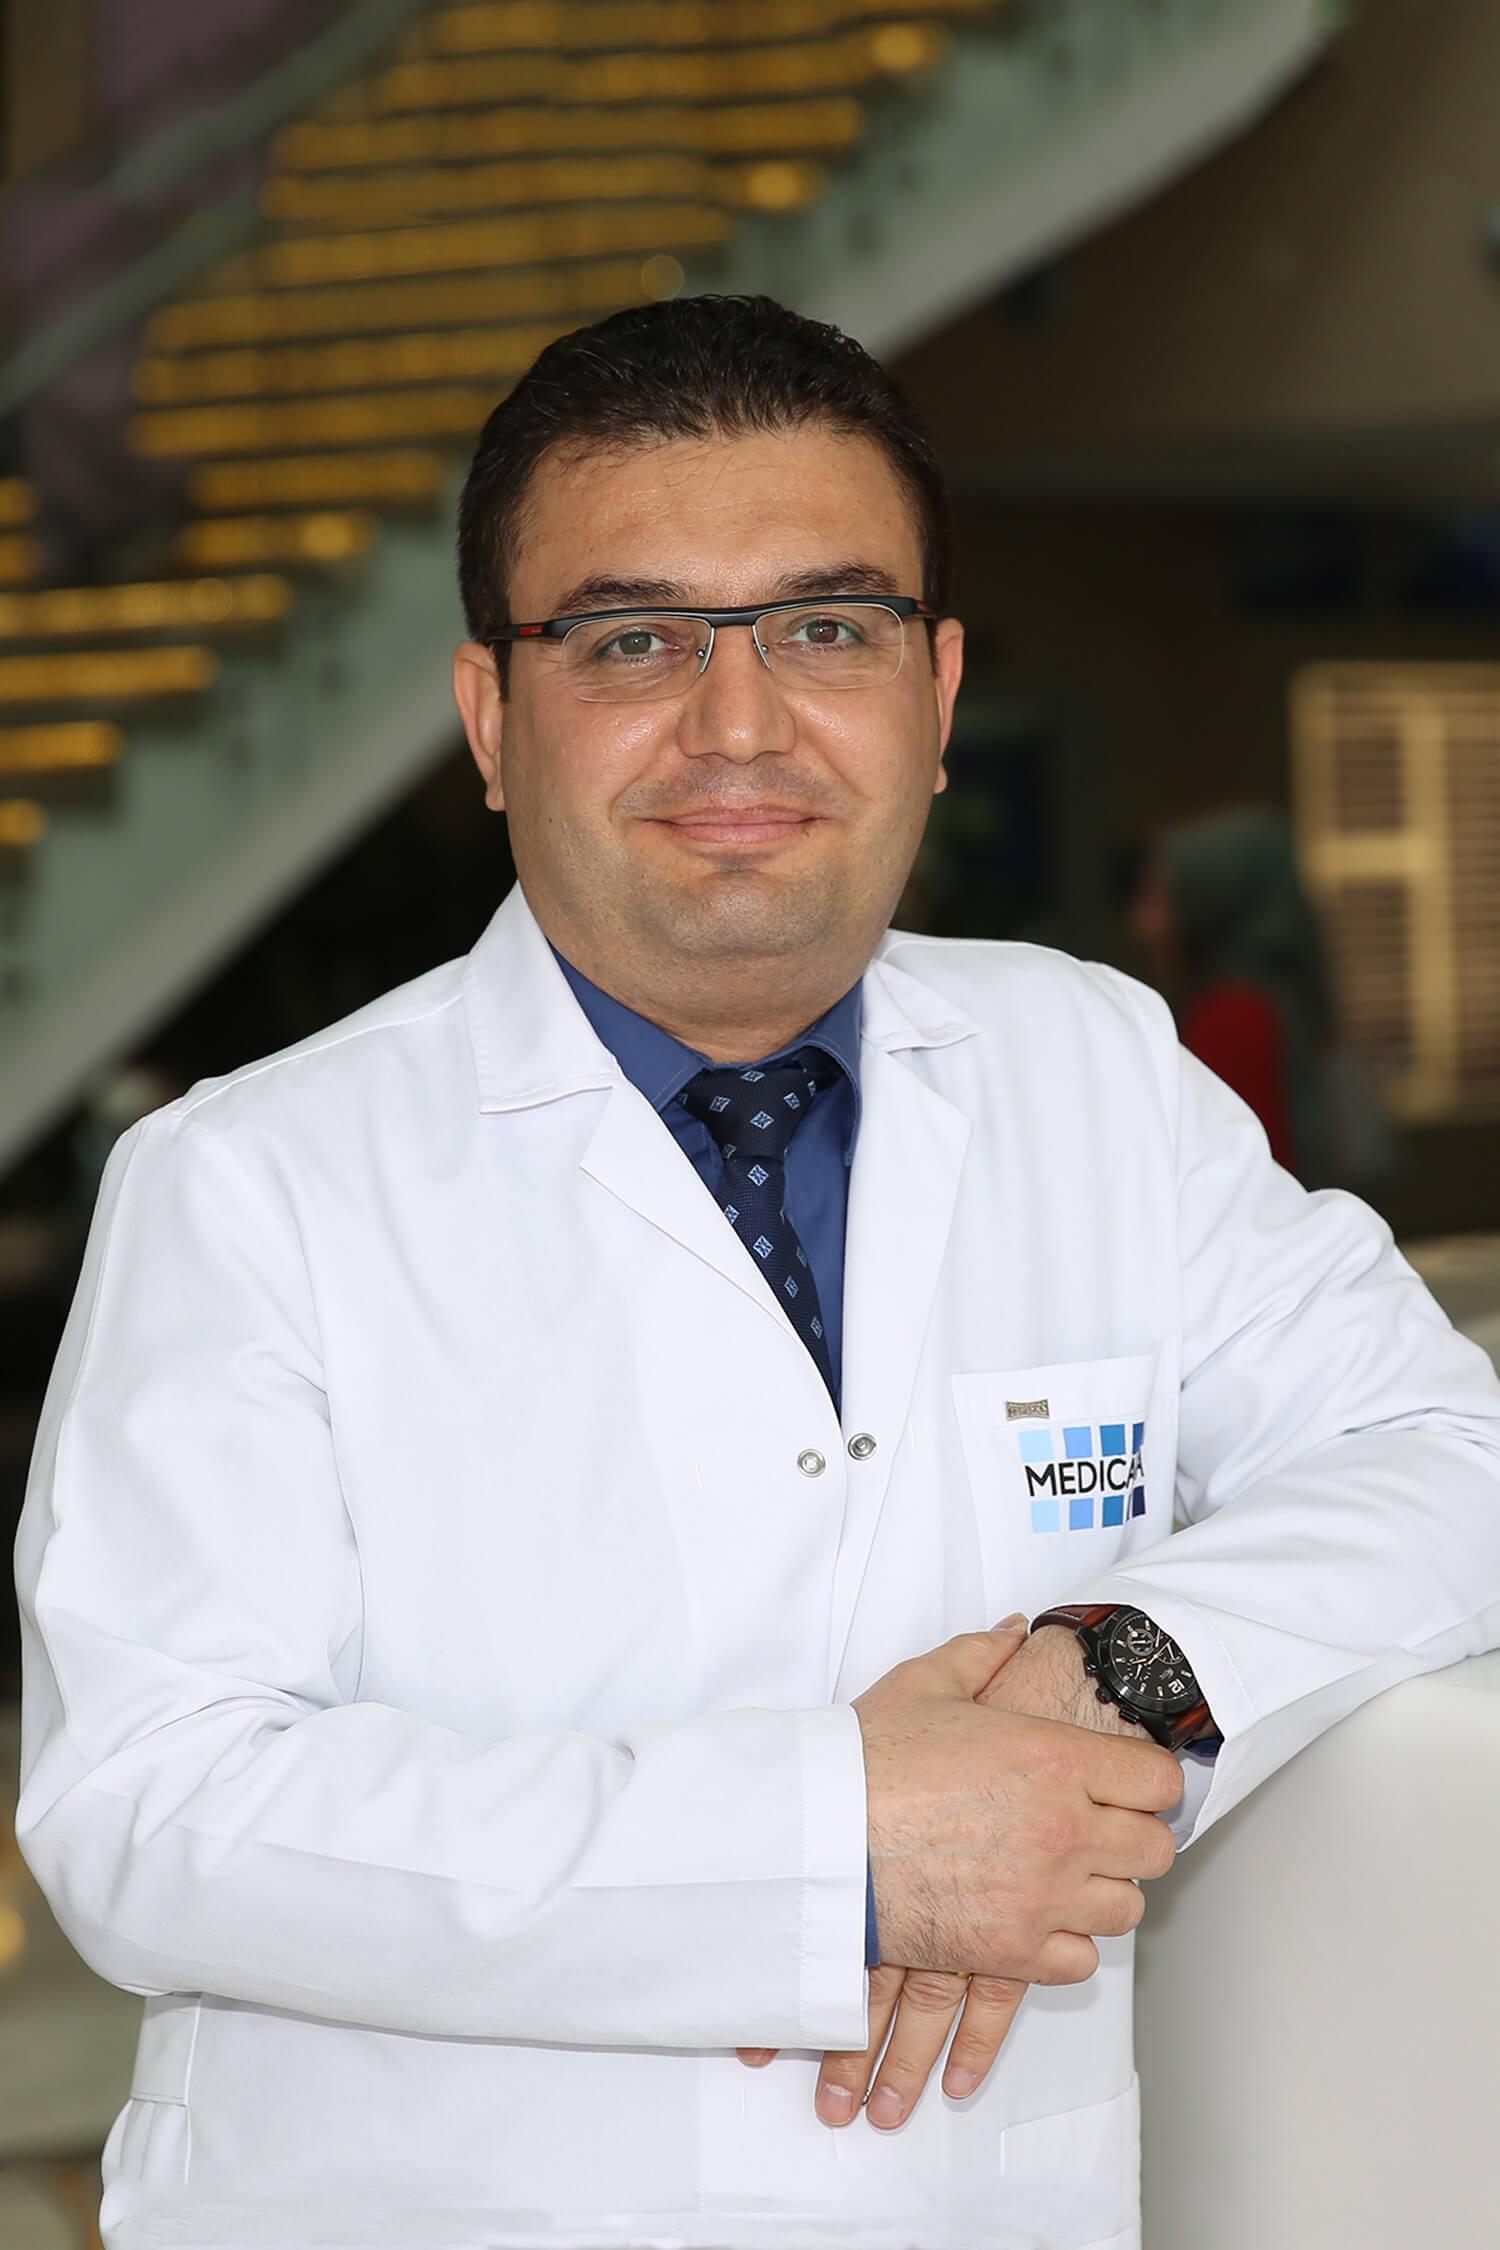 Op. Dr. Necati ÖZÇİMEN (Tüp Bebek Ünitesi Direktörü) || Medicana Konya Tüp Bebek Merkezi̇